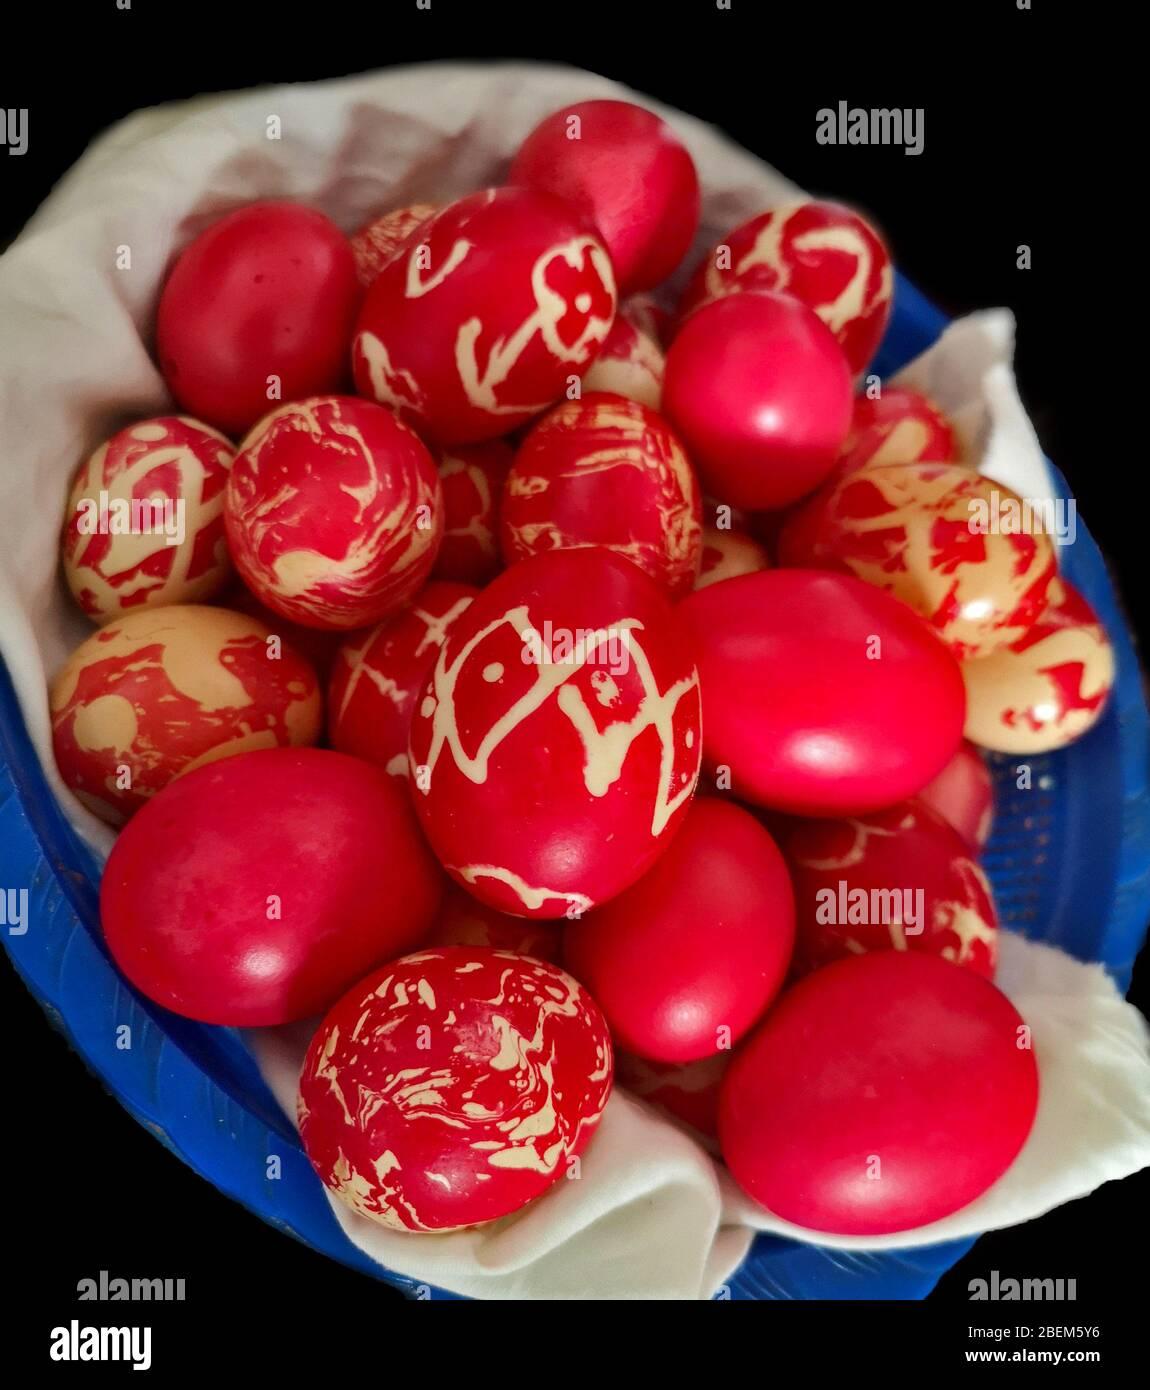 Huevos caseros teñidos, huevos rojos de colores preparados para la Pascua con varios patrones, huevos pintados ortodoxos tradicionales listos para la celebración Foto de stock